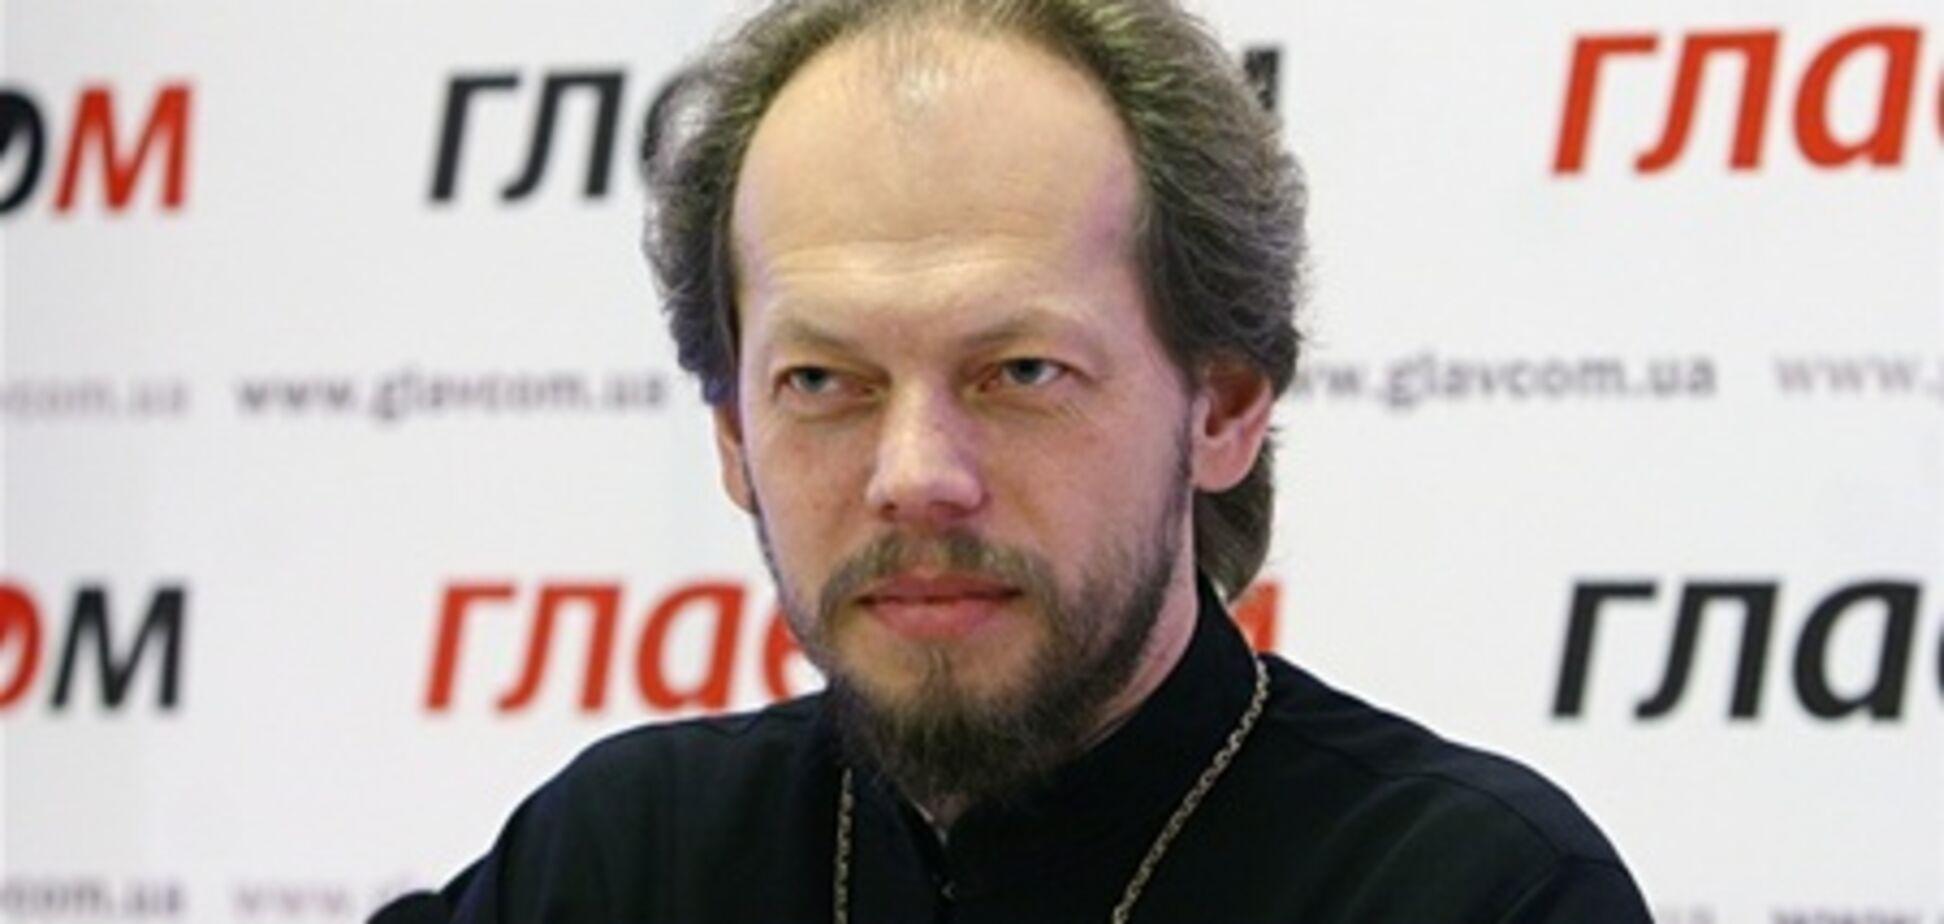 Політики не повинні впливати на об'єднання православної церкви - УПЦ МП